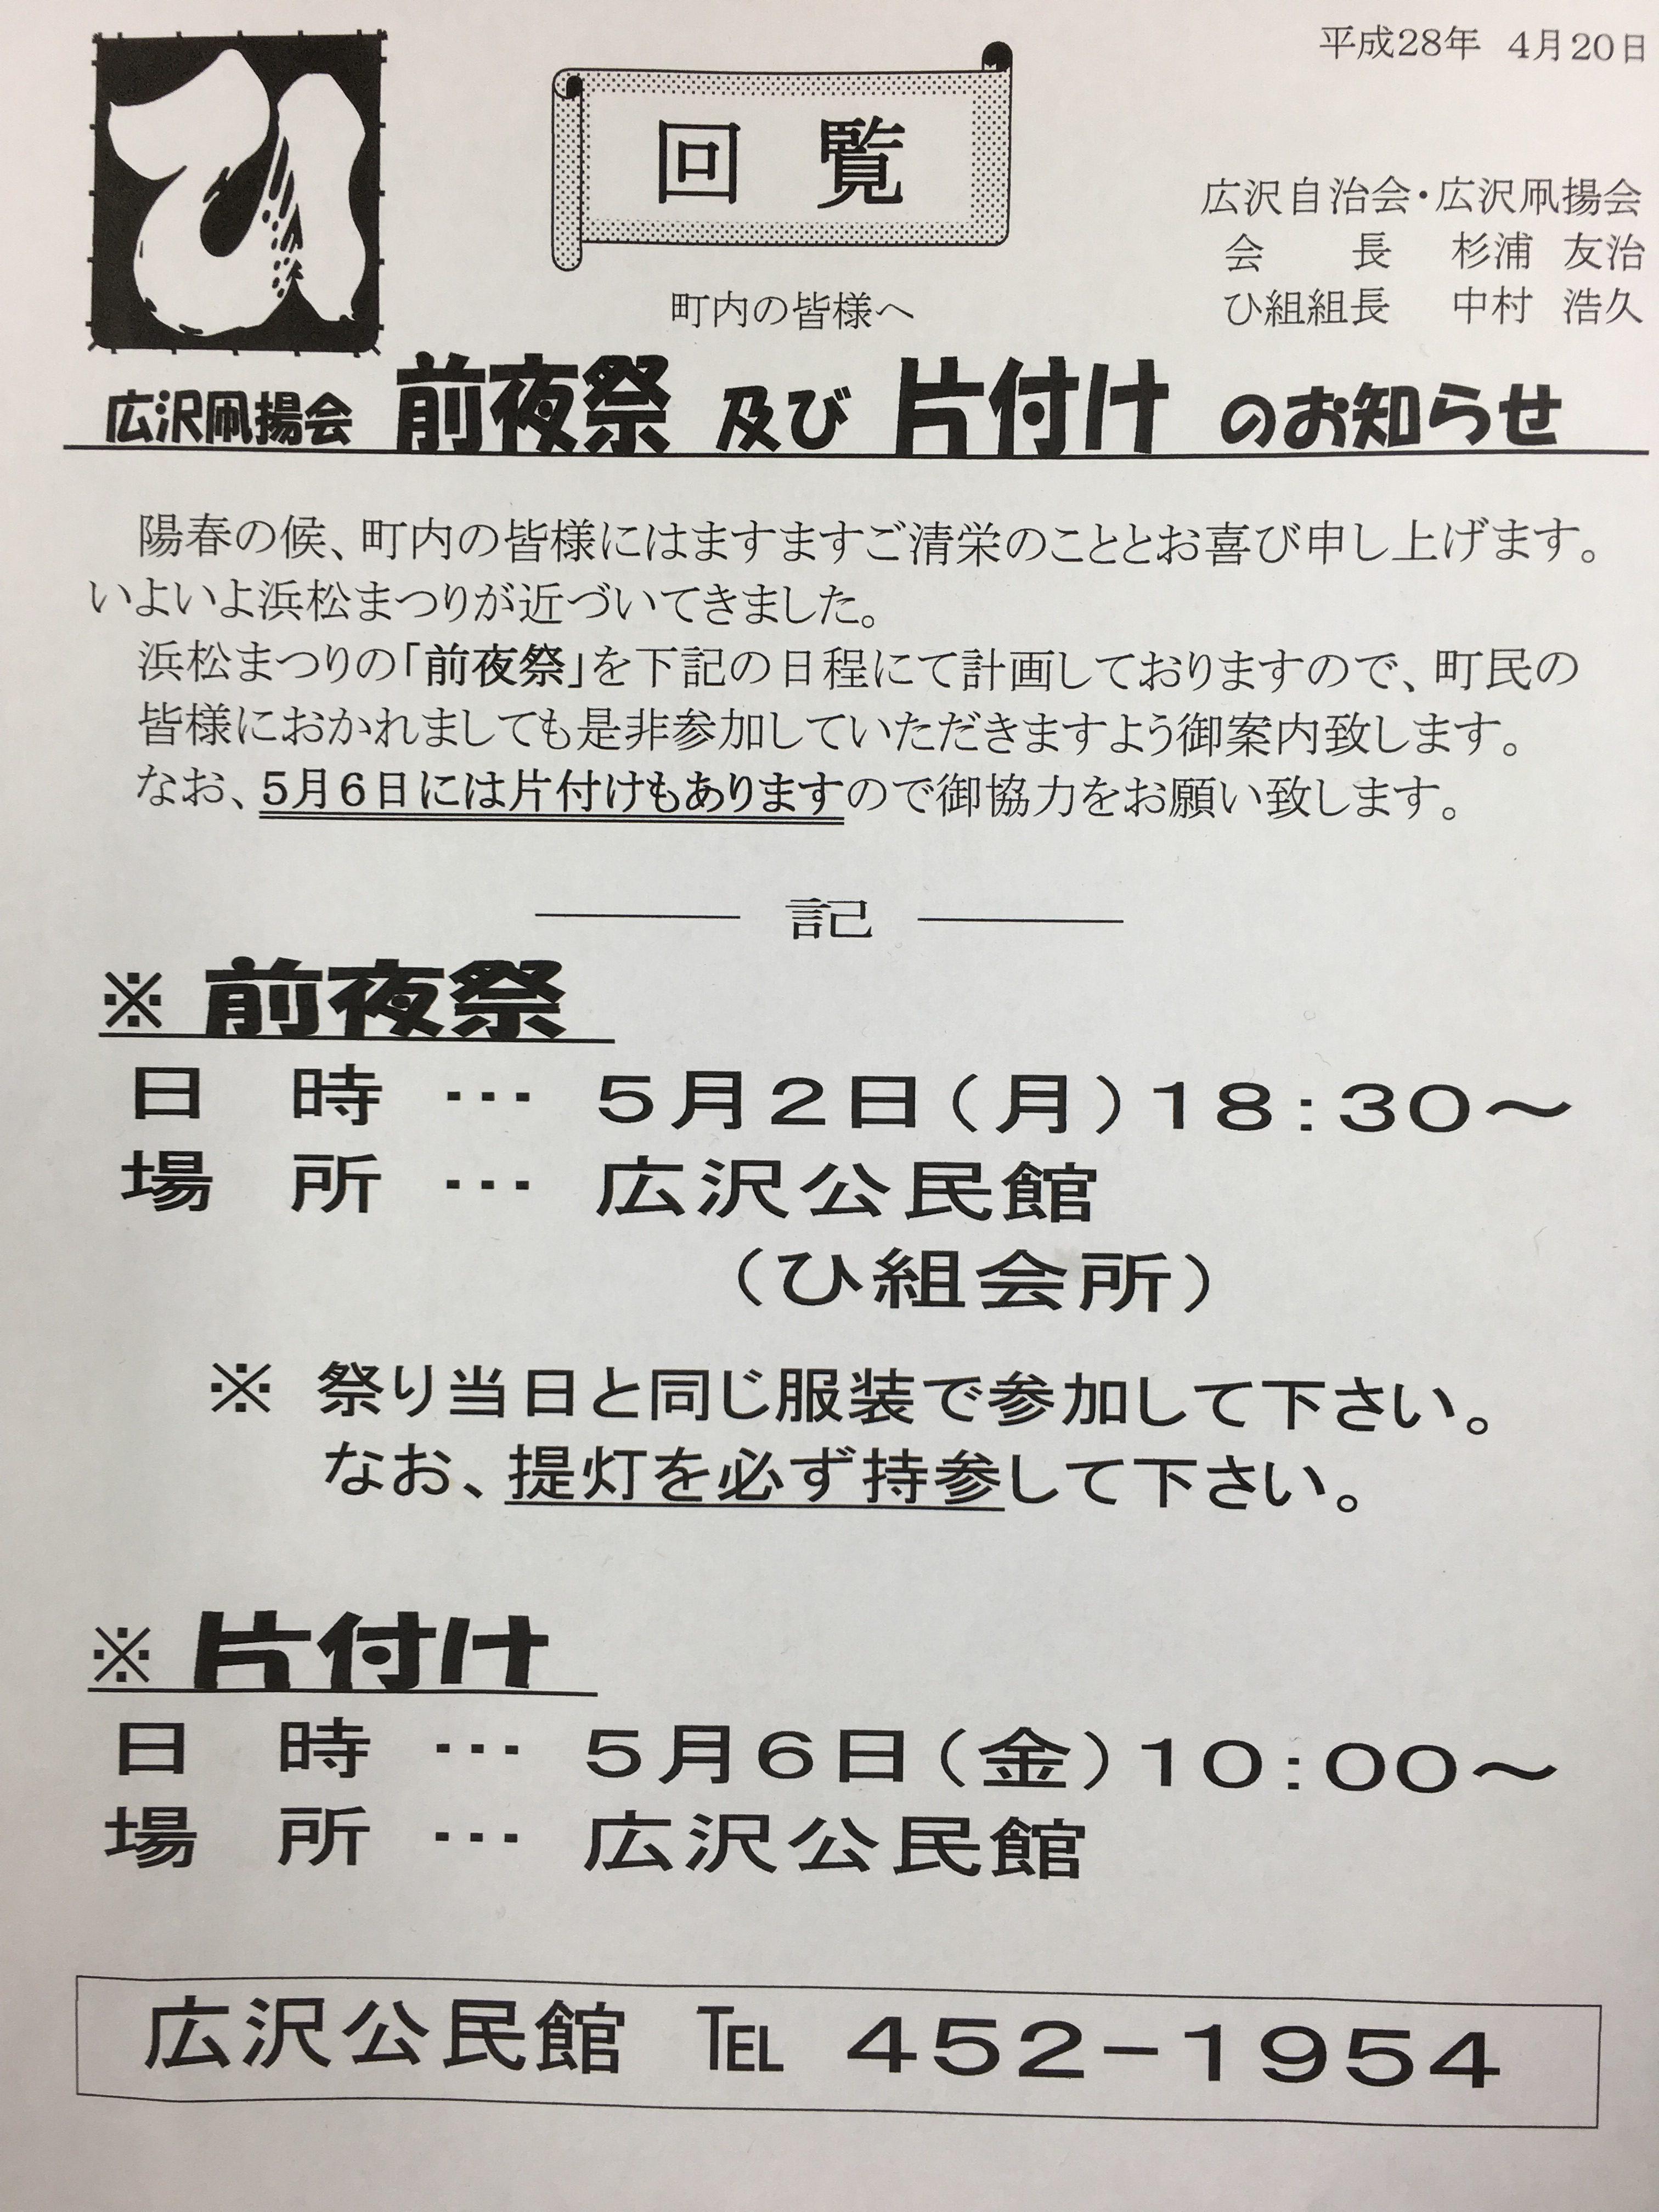 平成28年 前夜祭・片付けのお知らせ